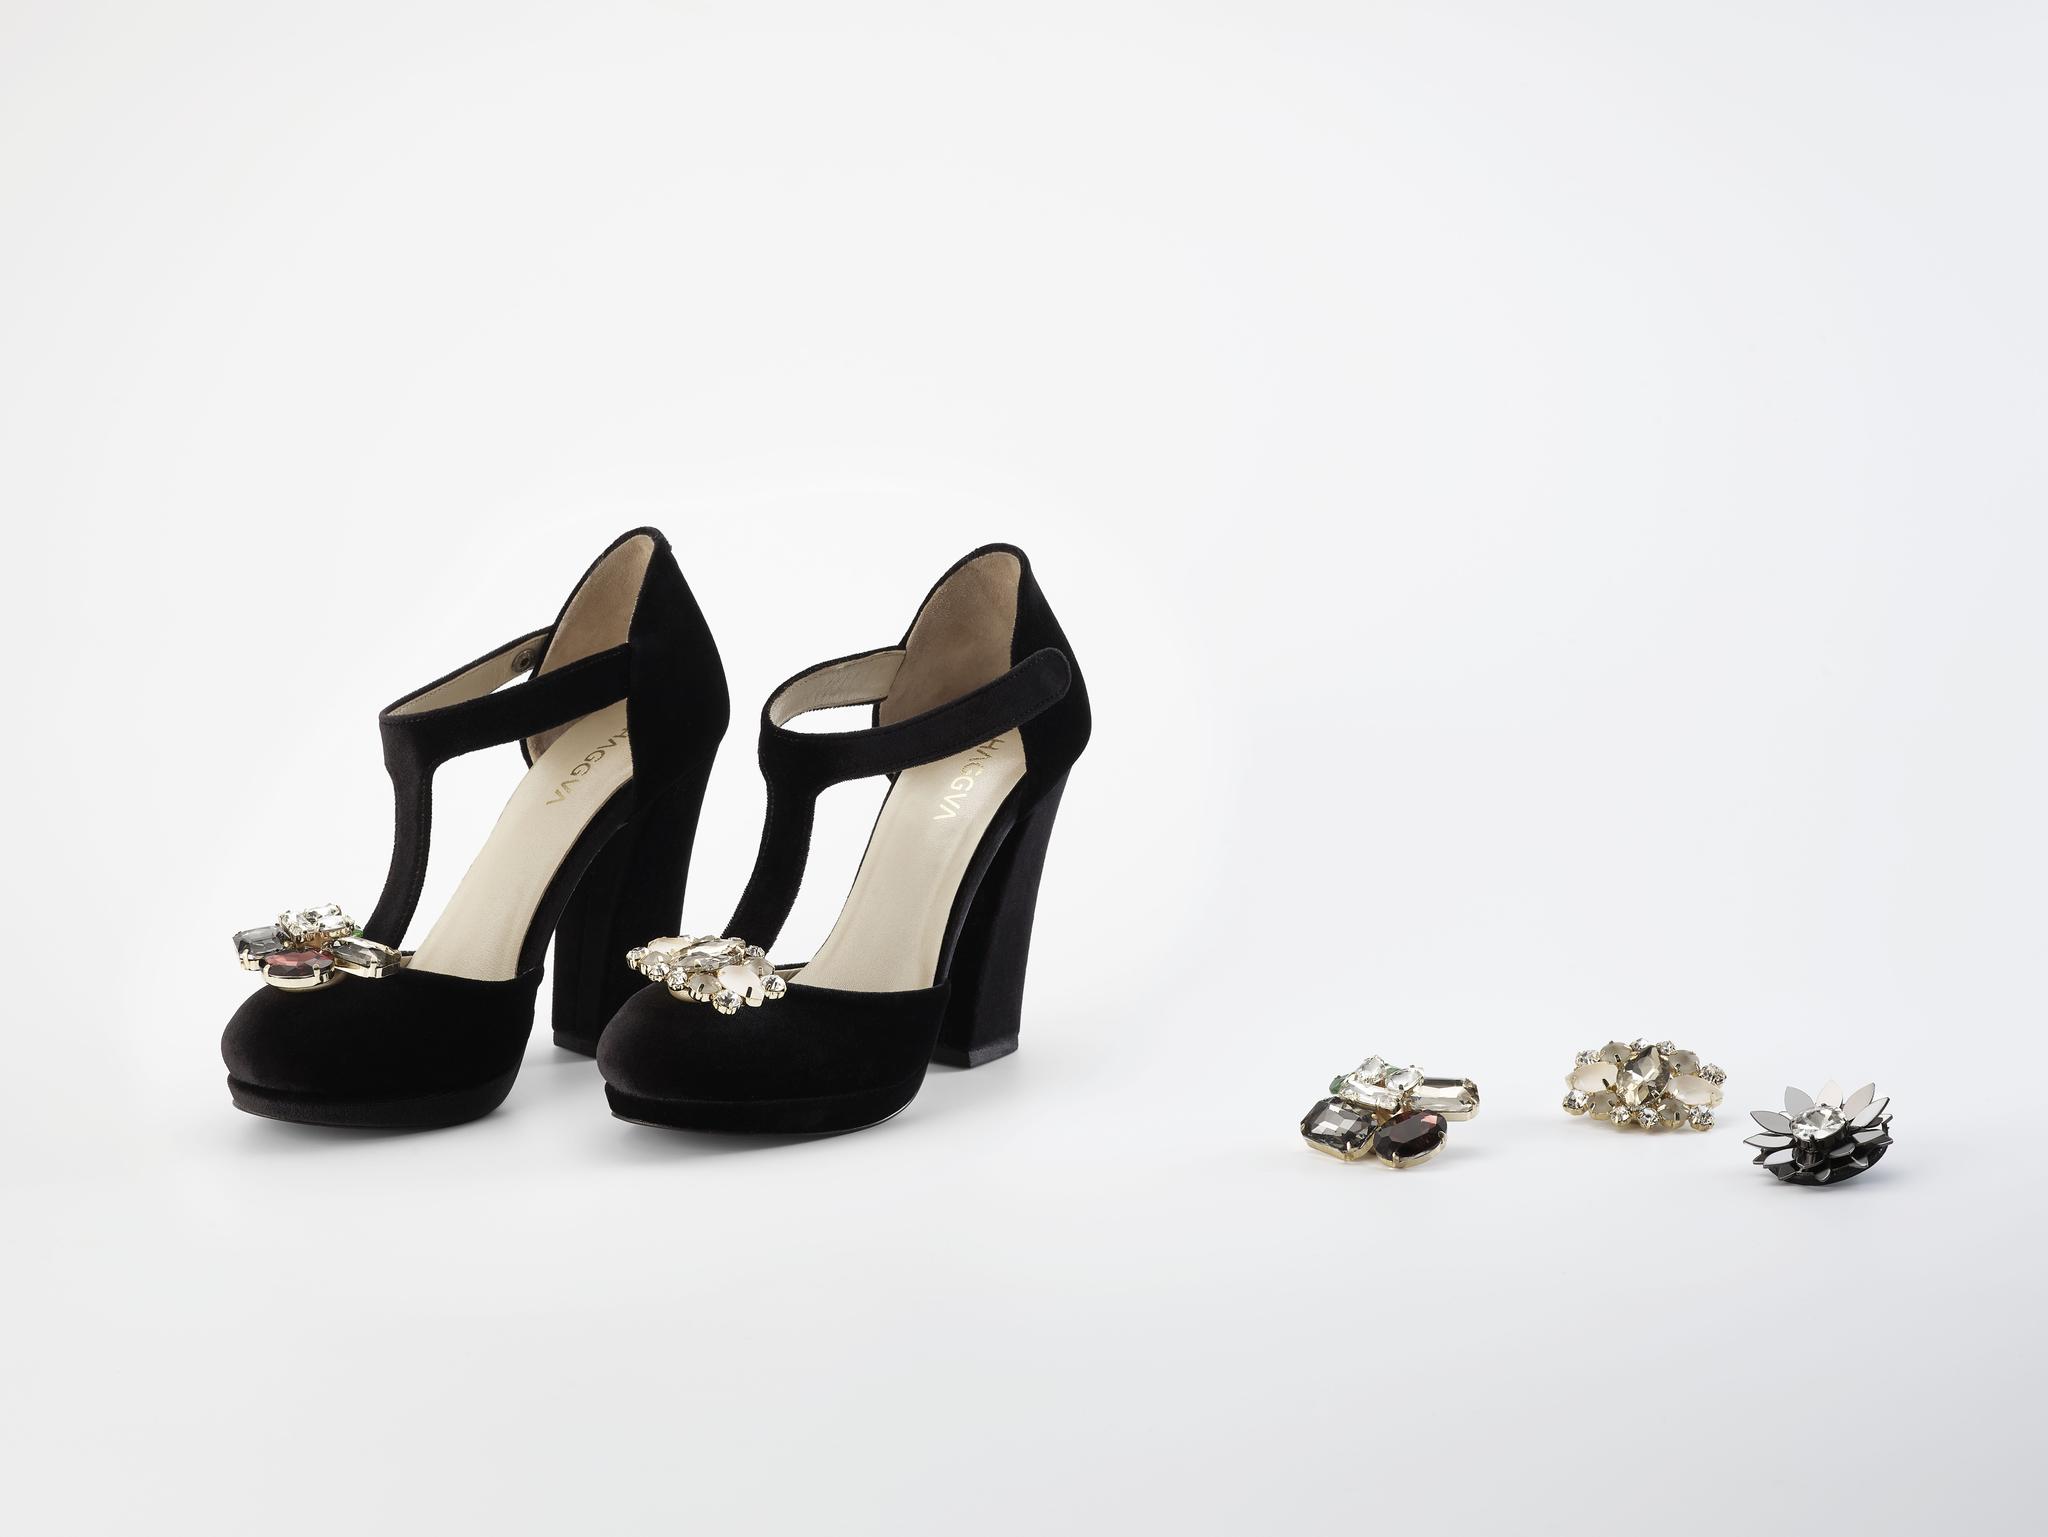 898837da4 Sapato estilo Mary Jane - NiT